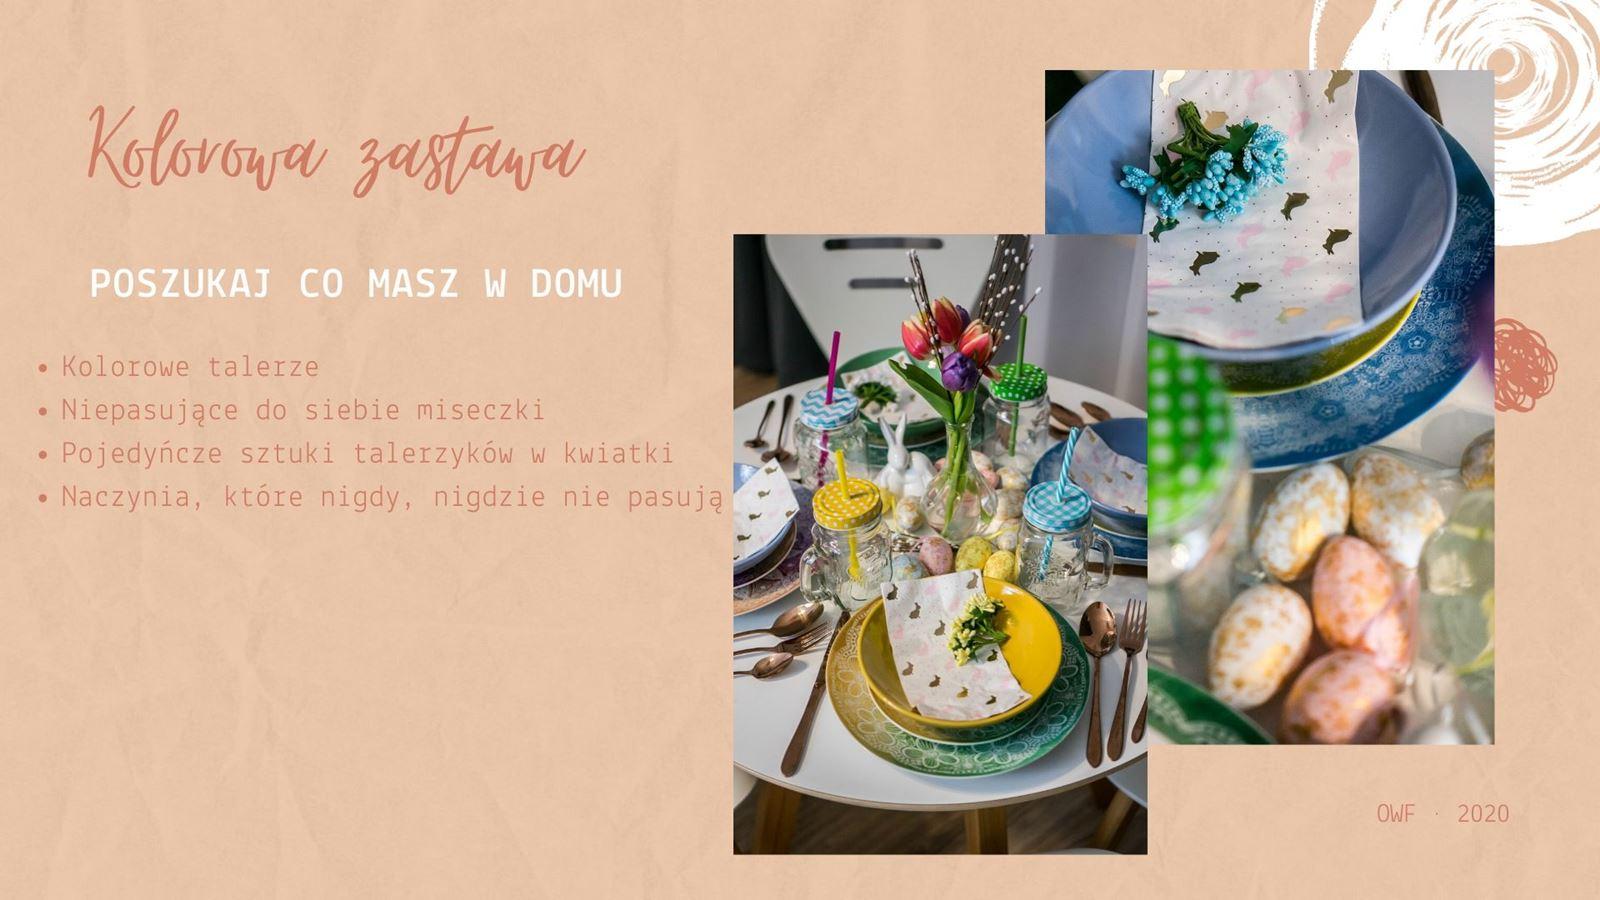 2 dekoracje wielkanocne diy jak udekorować stół wielkanocny bez wydawania pieniędzy kolorowe dodatki na wiosnę jak urządzić mieszkanie na wiosnę wiosenne dodatki do wnętrz tanie